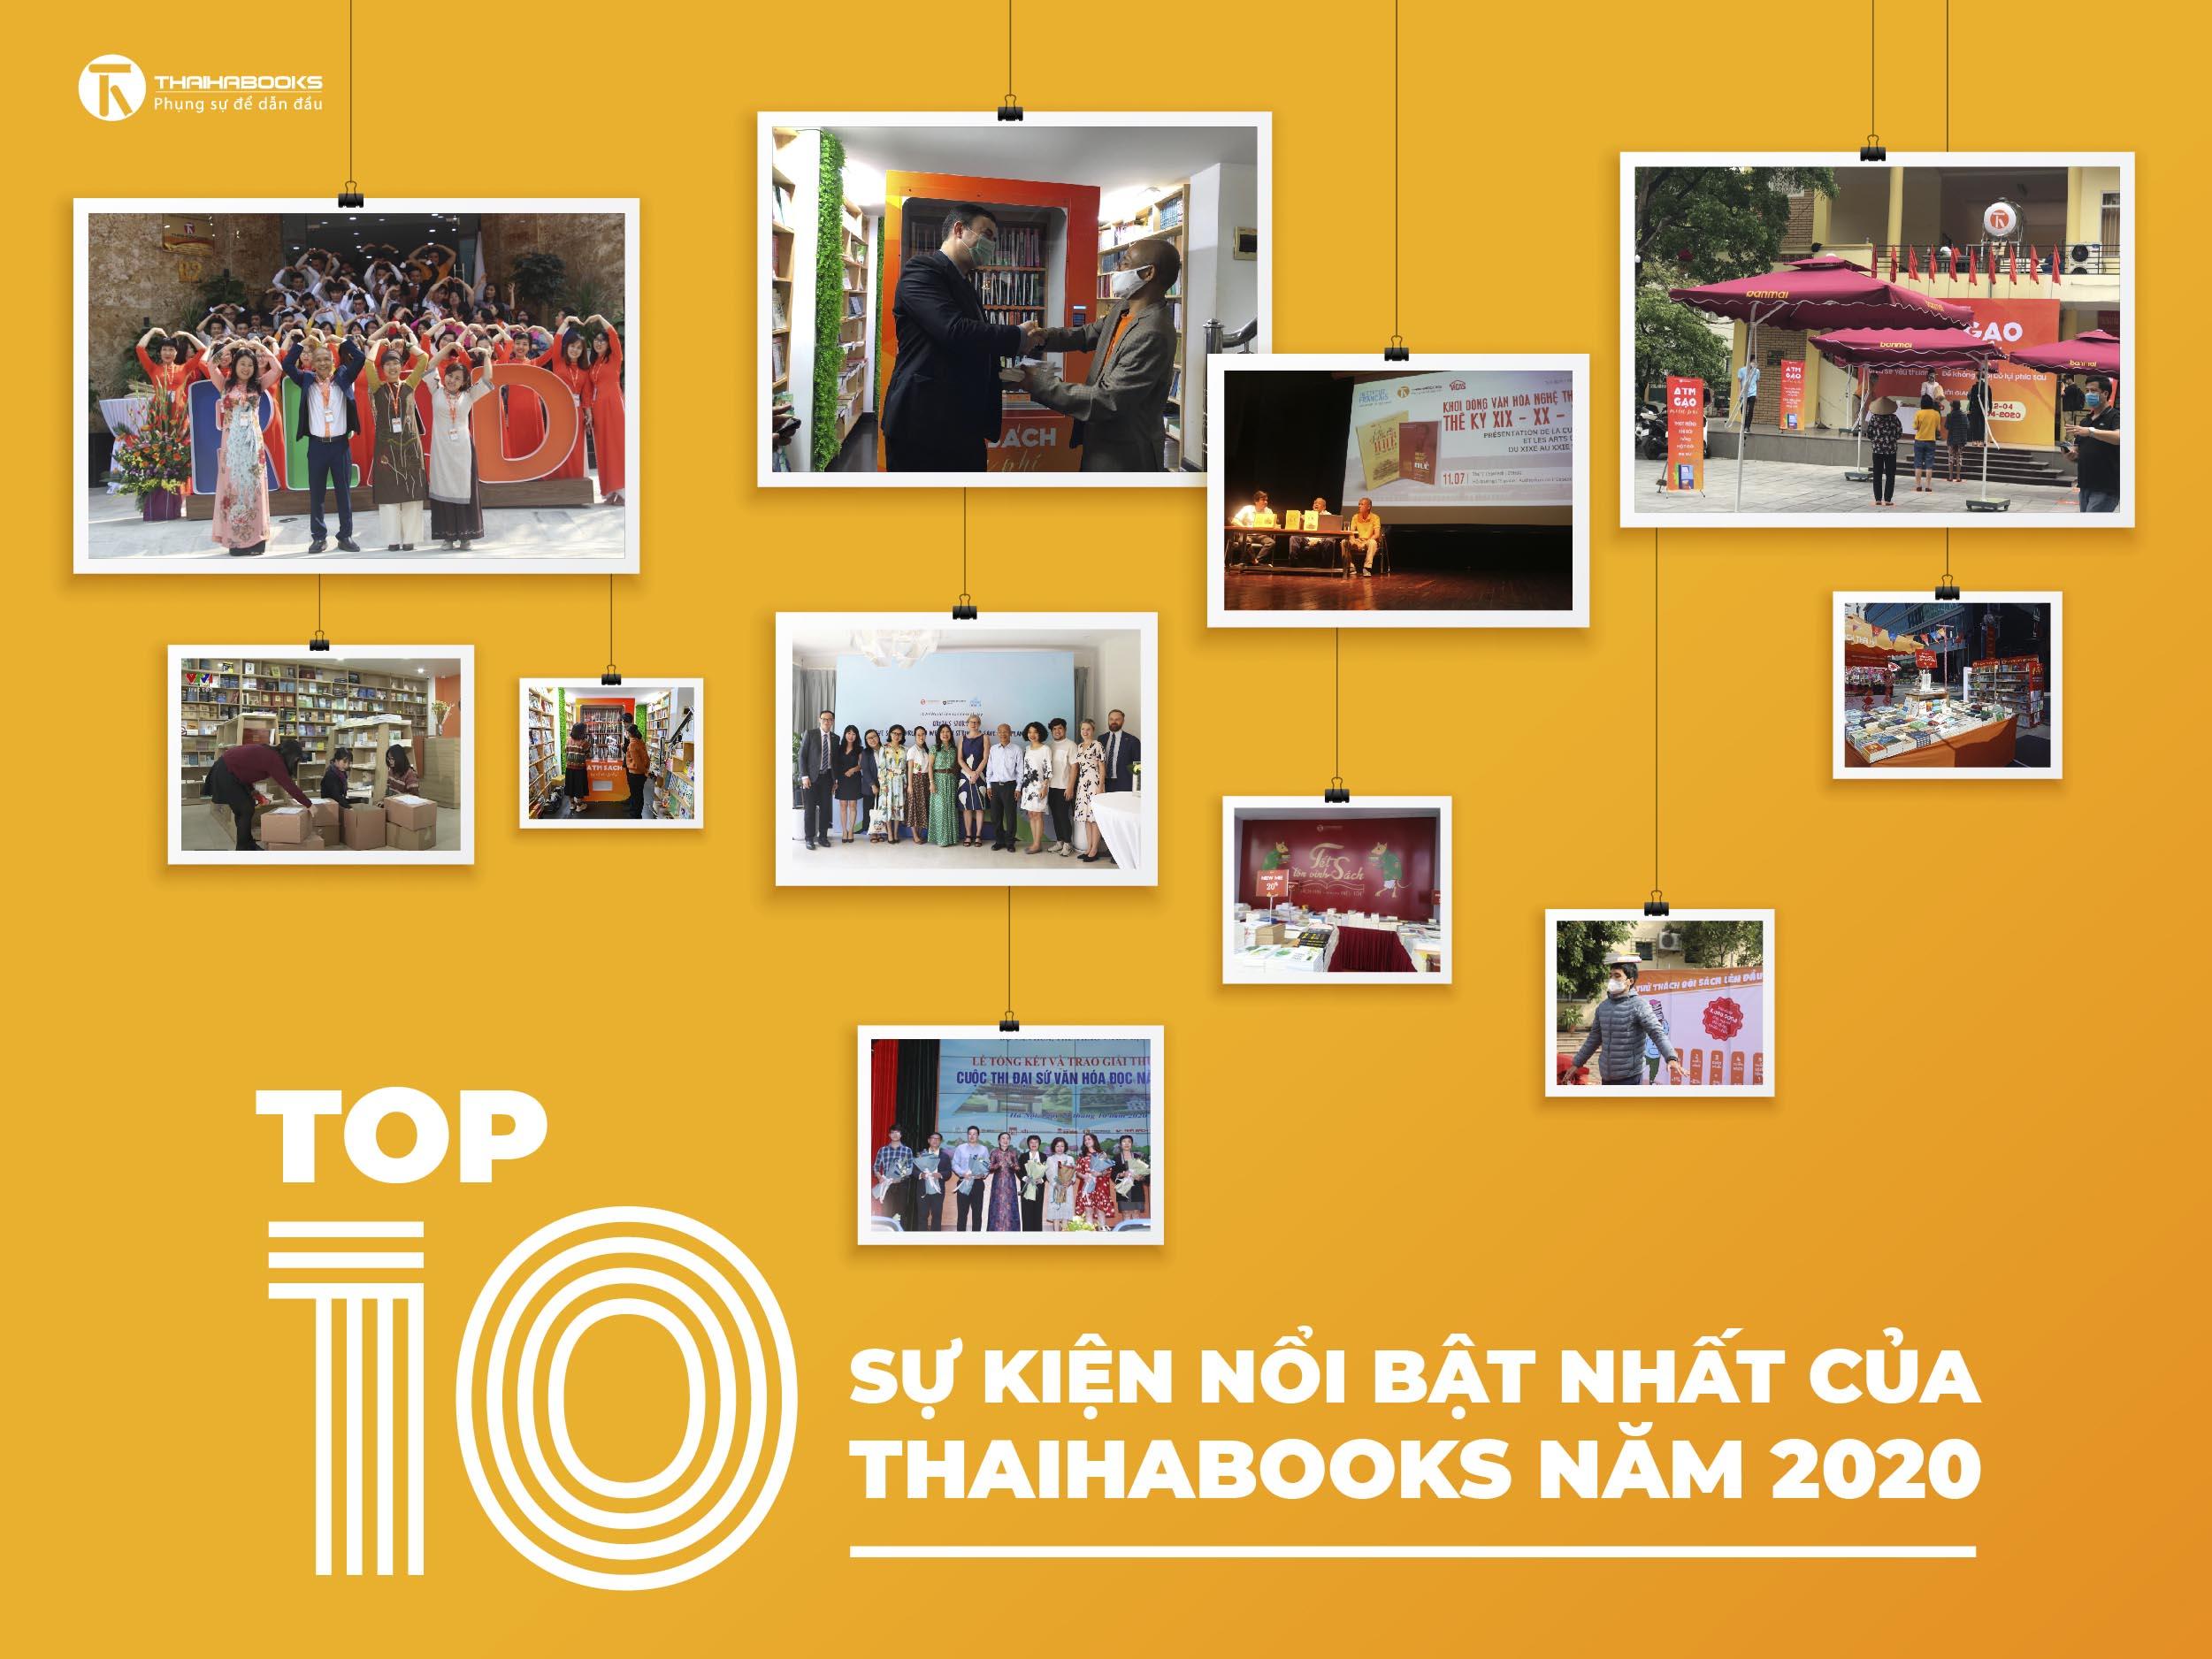 Top 10 sự kiện nổi bật nhất của Thái Hà Books năm 2020